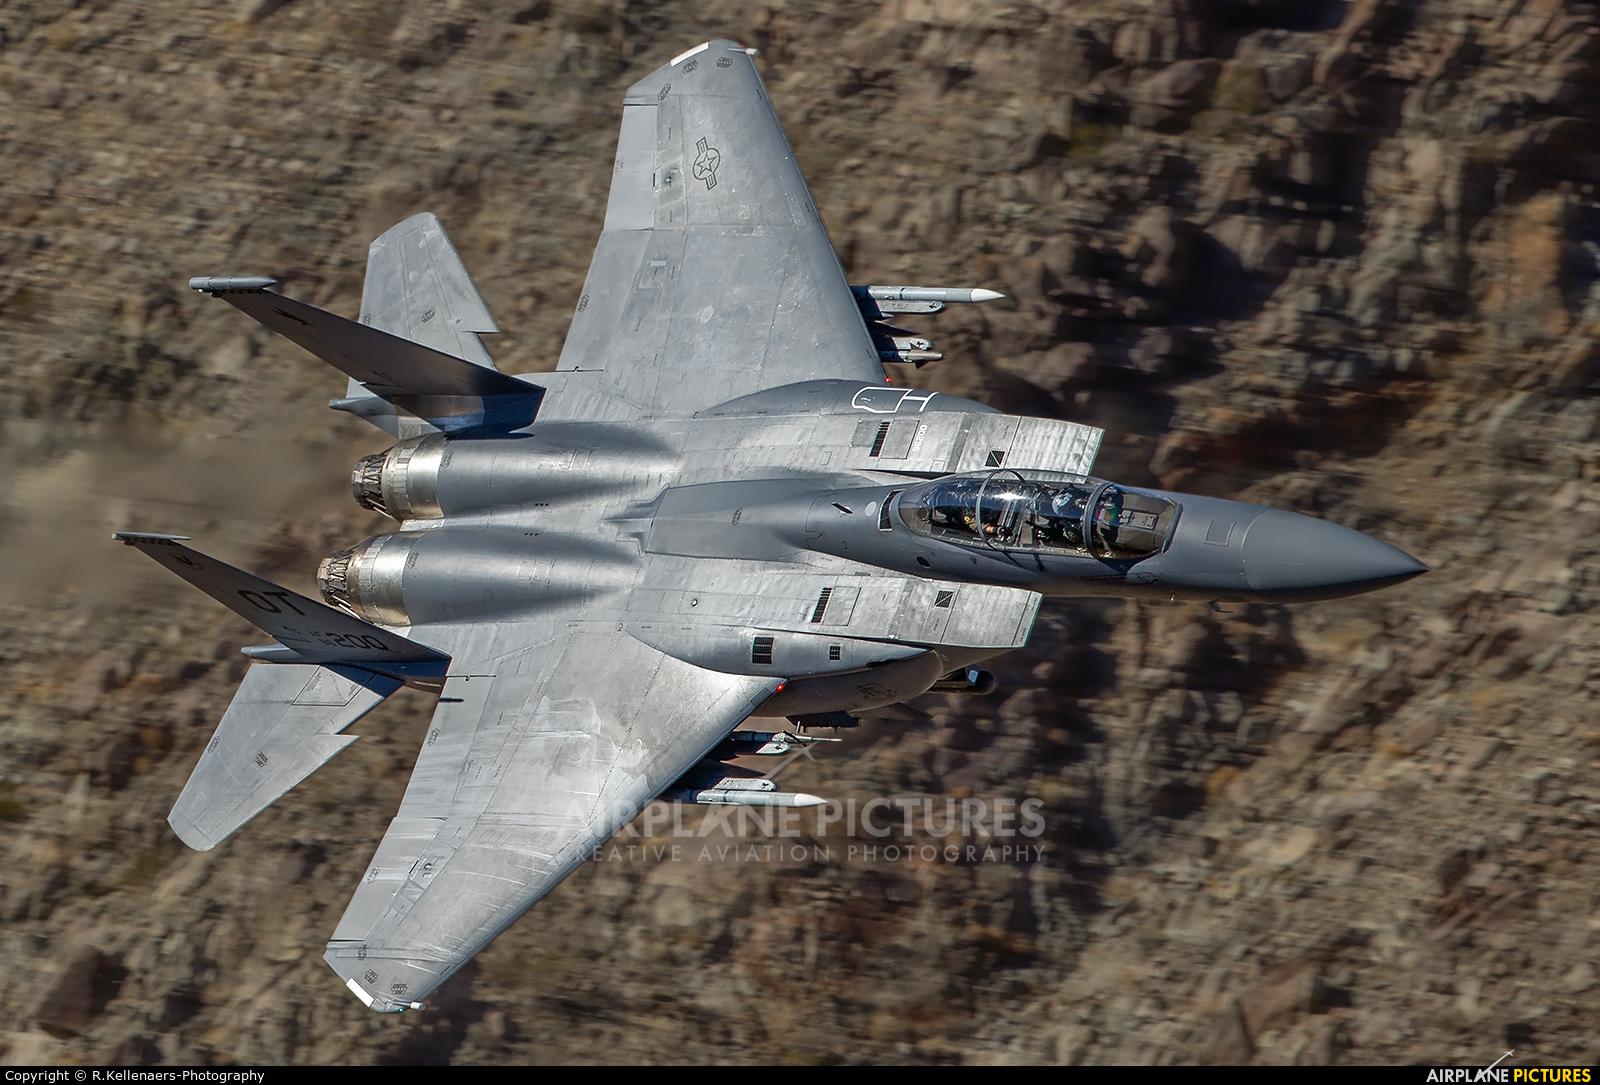 USA - Air Force 96-0200 aircraft at Rainbow Canyon - Off Airport